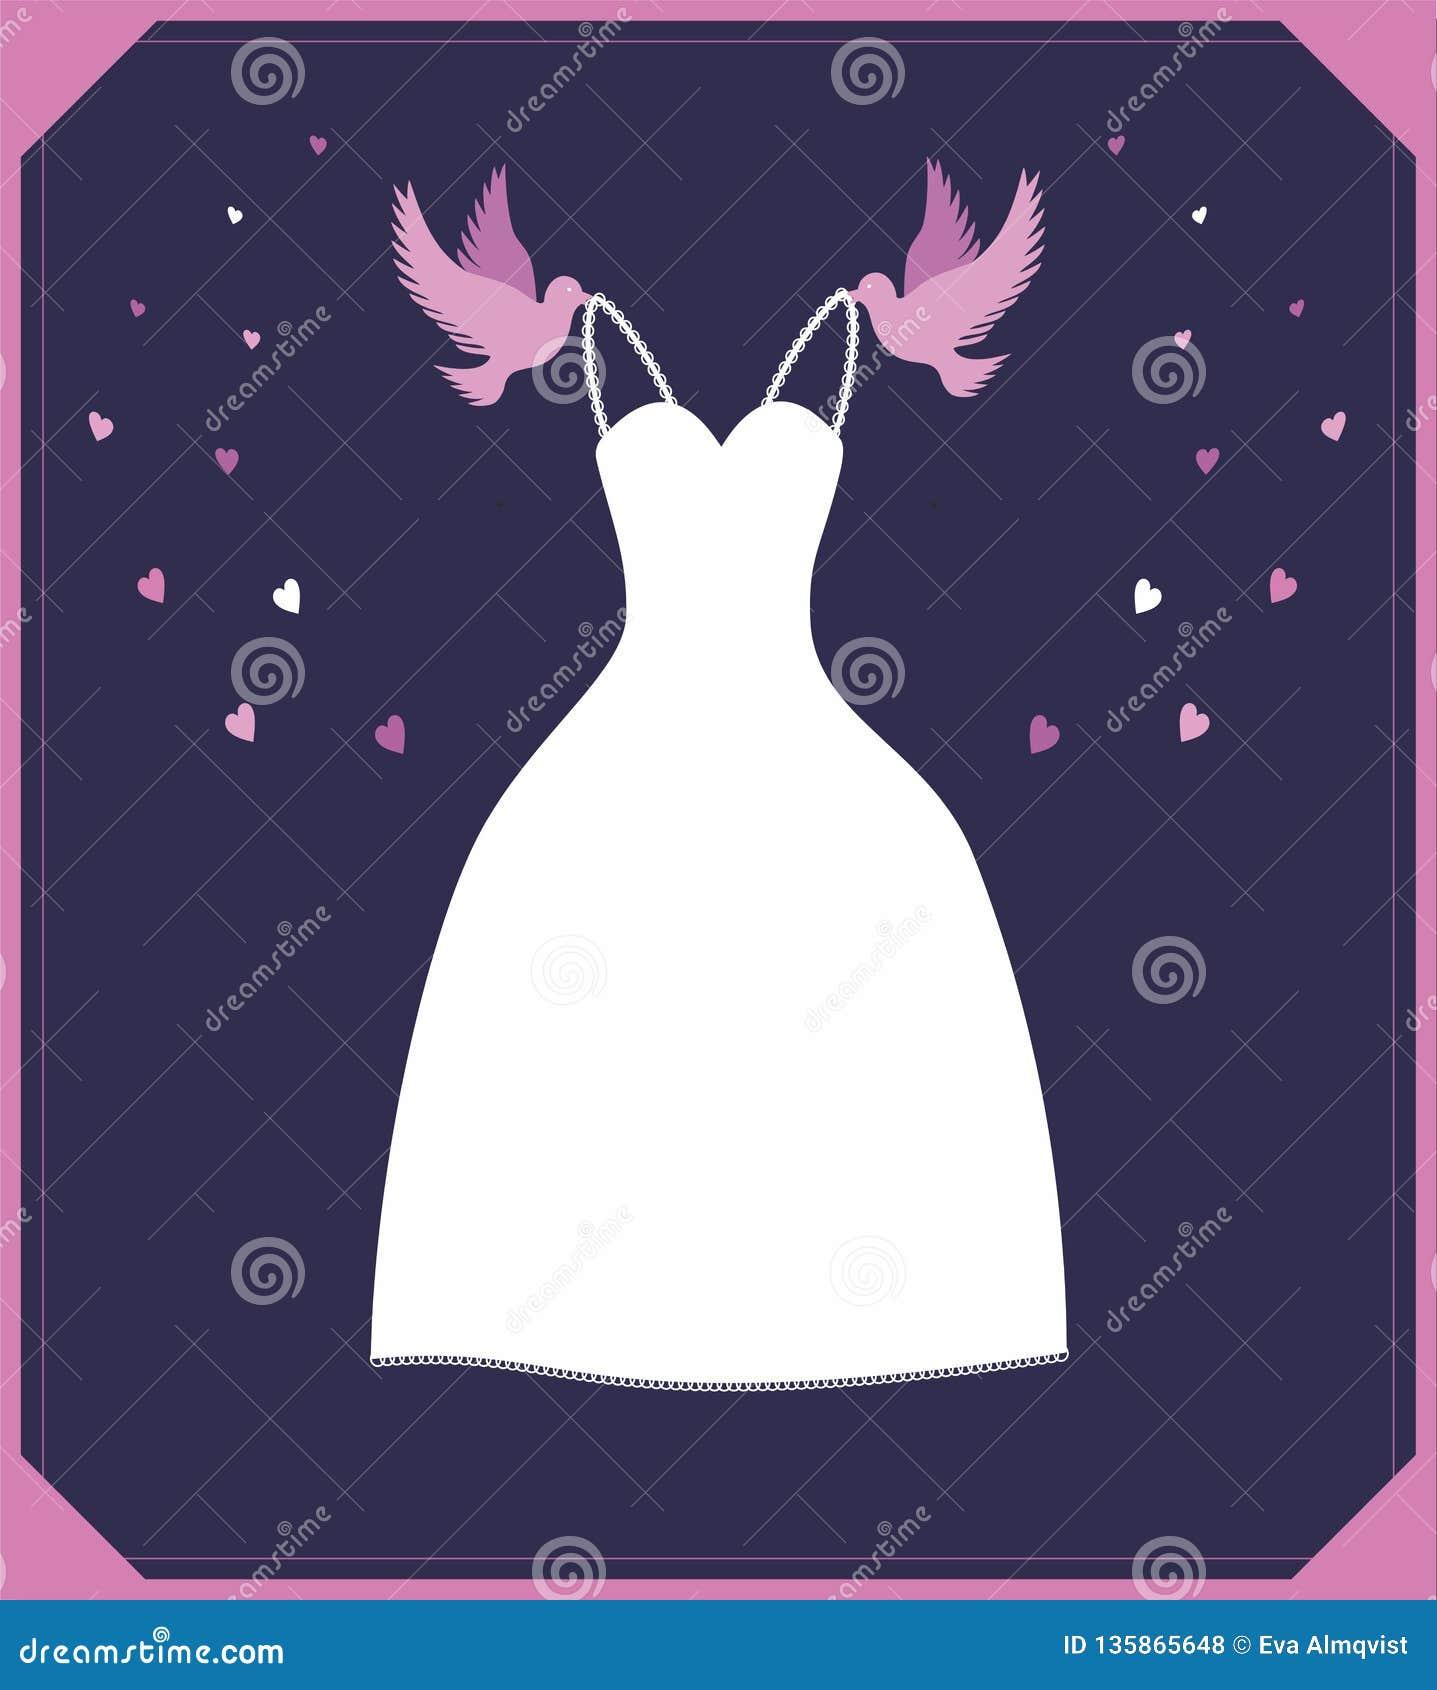 Cinderella Dresses Stock Vector Illustration Of Isolated: Vector Illustration White Wedding Dress.Ssign For Shop